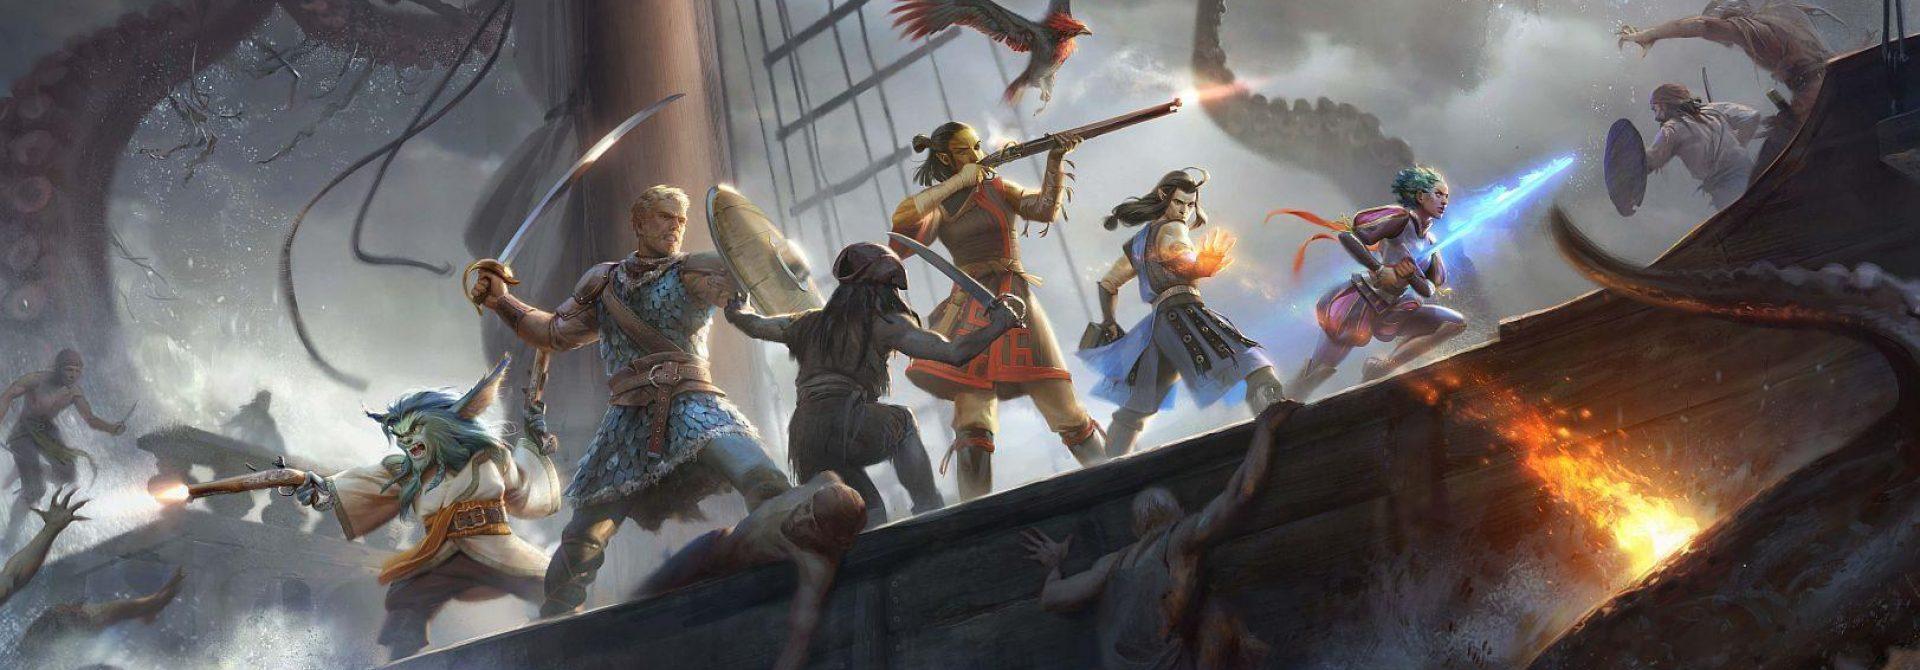 Pillars of Eternity II: Deadfire Gets A Publisher